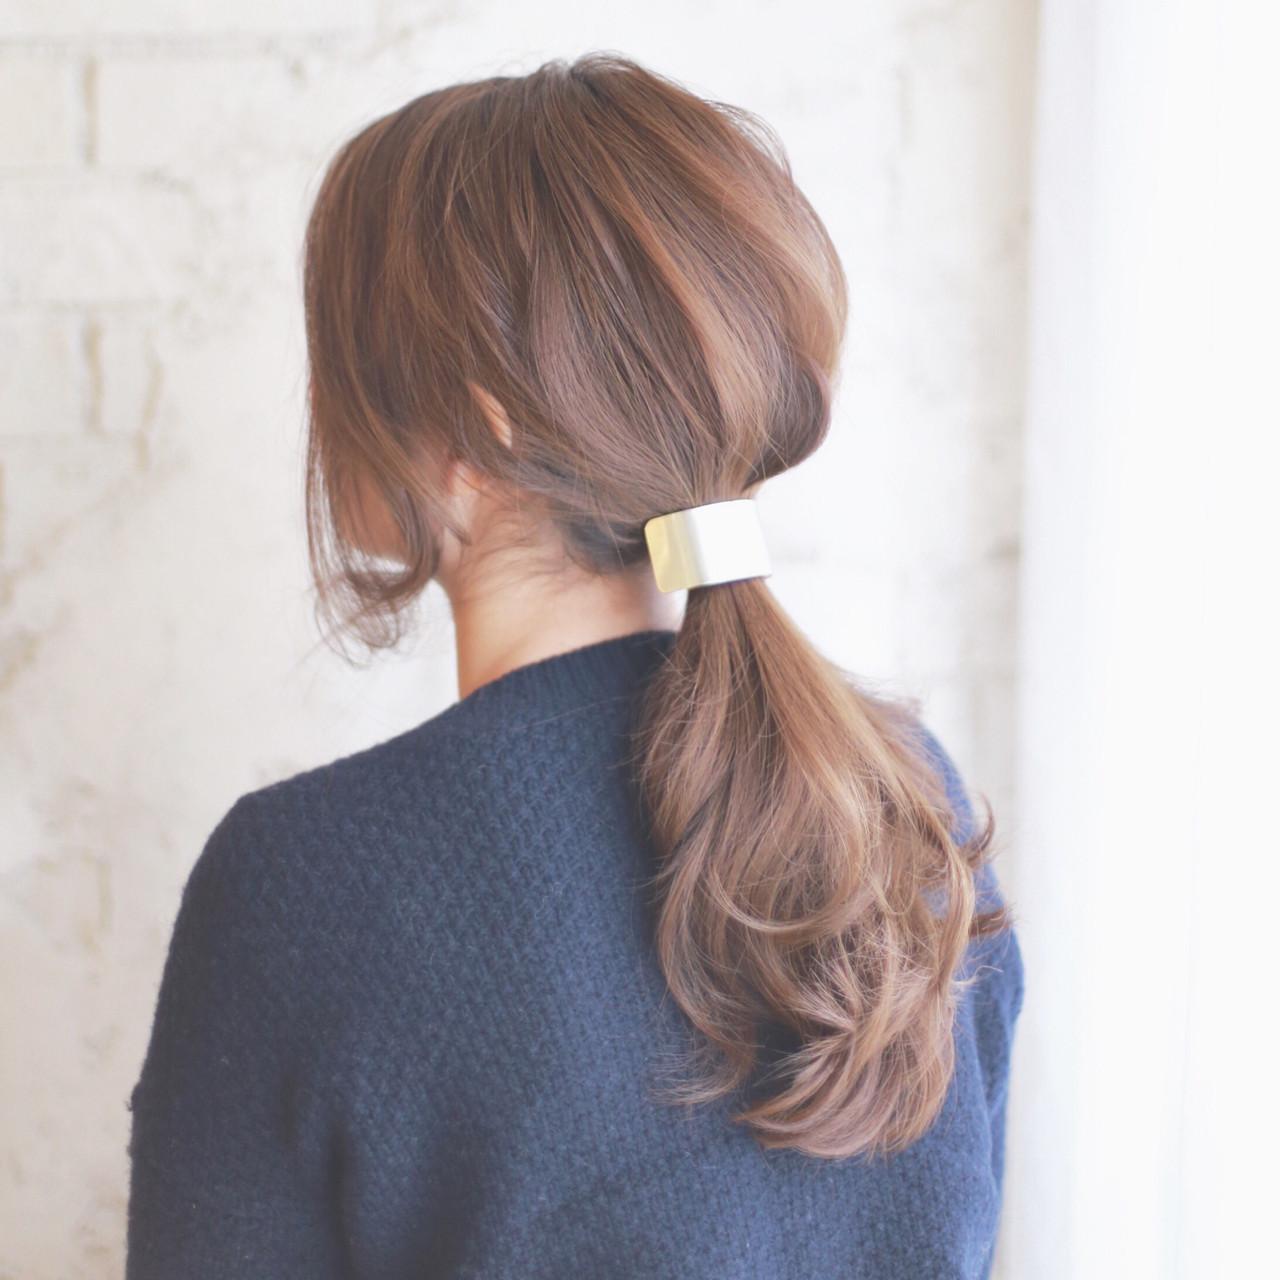 ゆるふわ ショート 簡単ヘアアレンジ 大人かわいい ヘアスタイルや髪型の写真・画像 | 谷本将太 nalu hair / nalu hair  (ナルーヘアー)